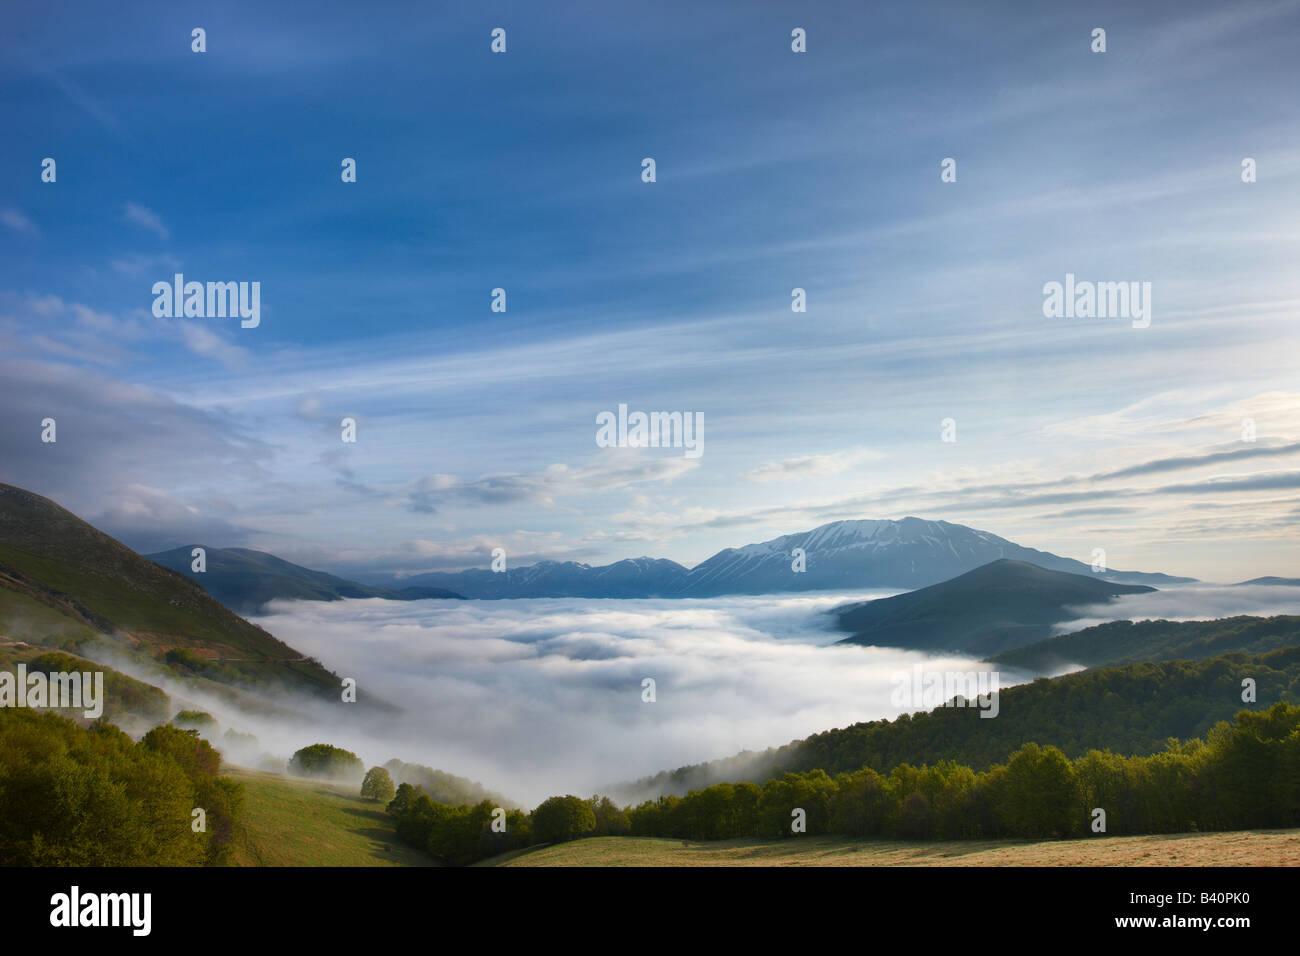 La nebbia giacente sul piano Grande all'alba con le montagne del Parco Nazionale dei Monti Sibillini che si Immagini Stock